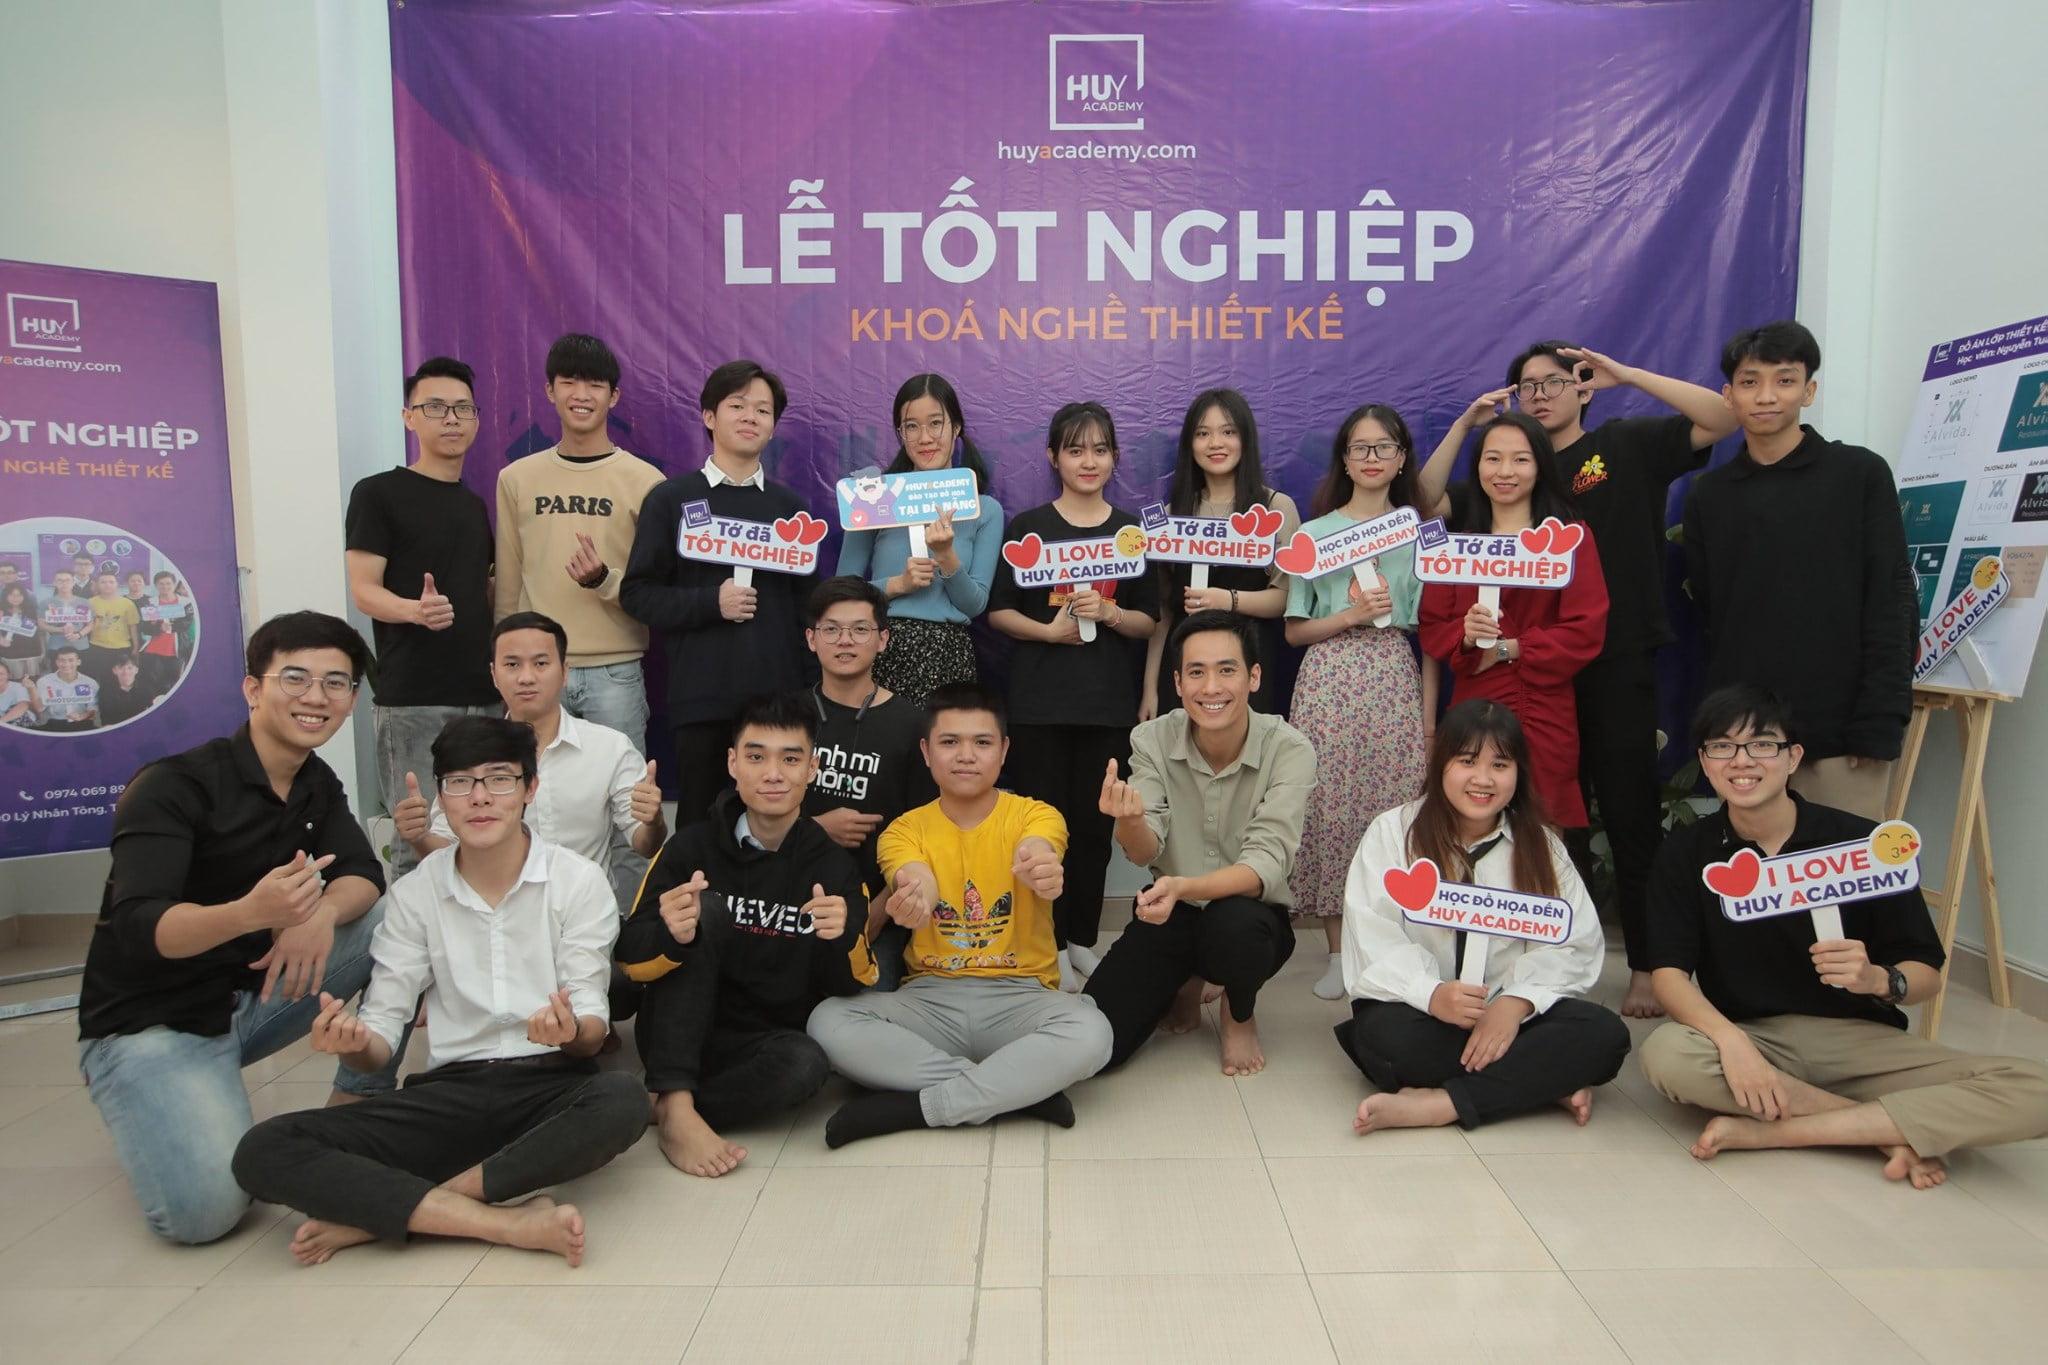 Lễ tốt nghiệp khóa nghề thiết kế đà nẵng 1-2021 (24)